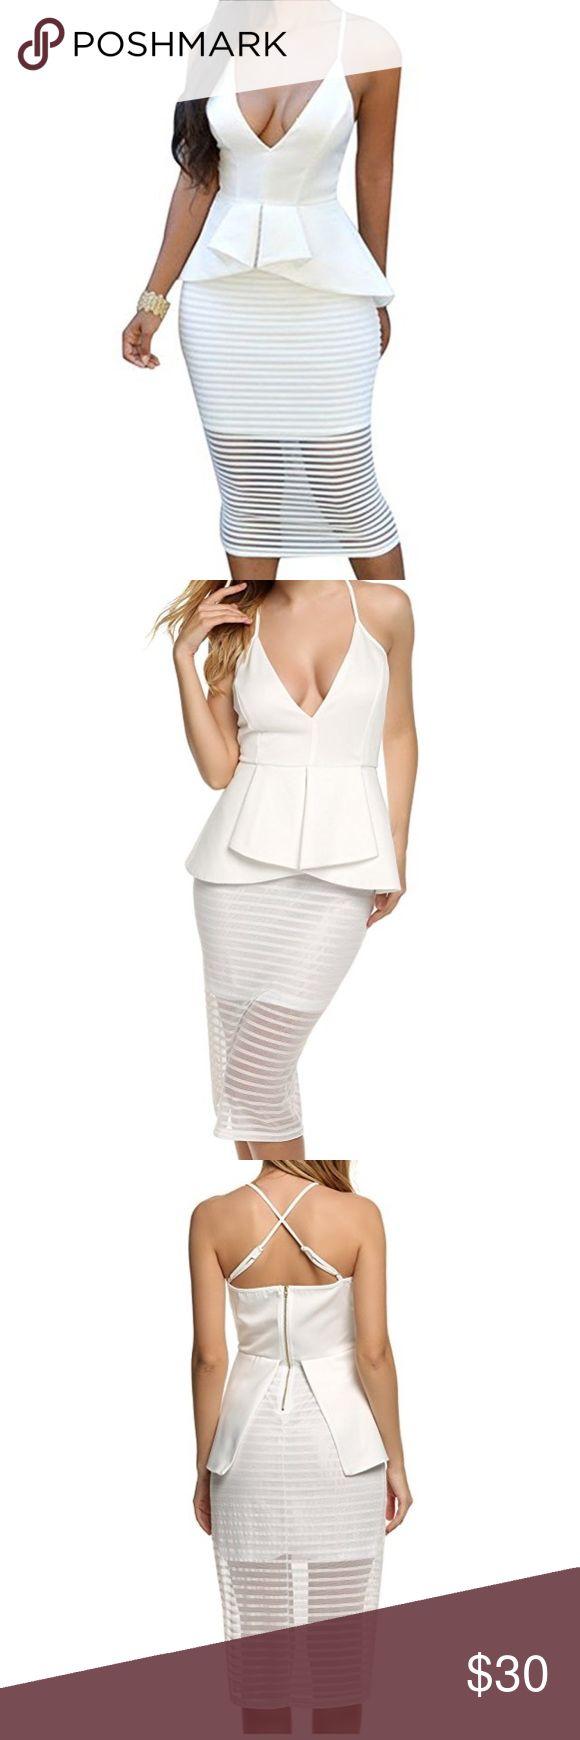 White peplum dress Cute white peplum dress with sheer bottom. Dresses Midi